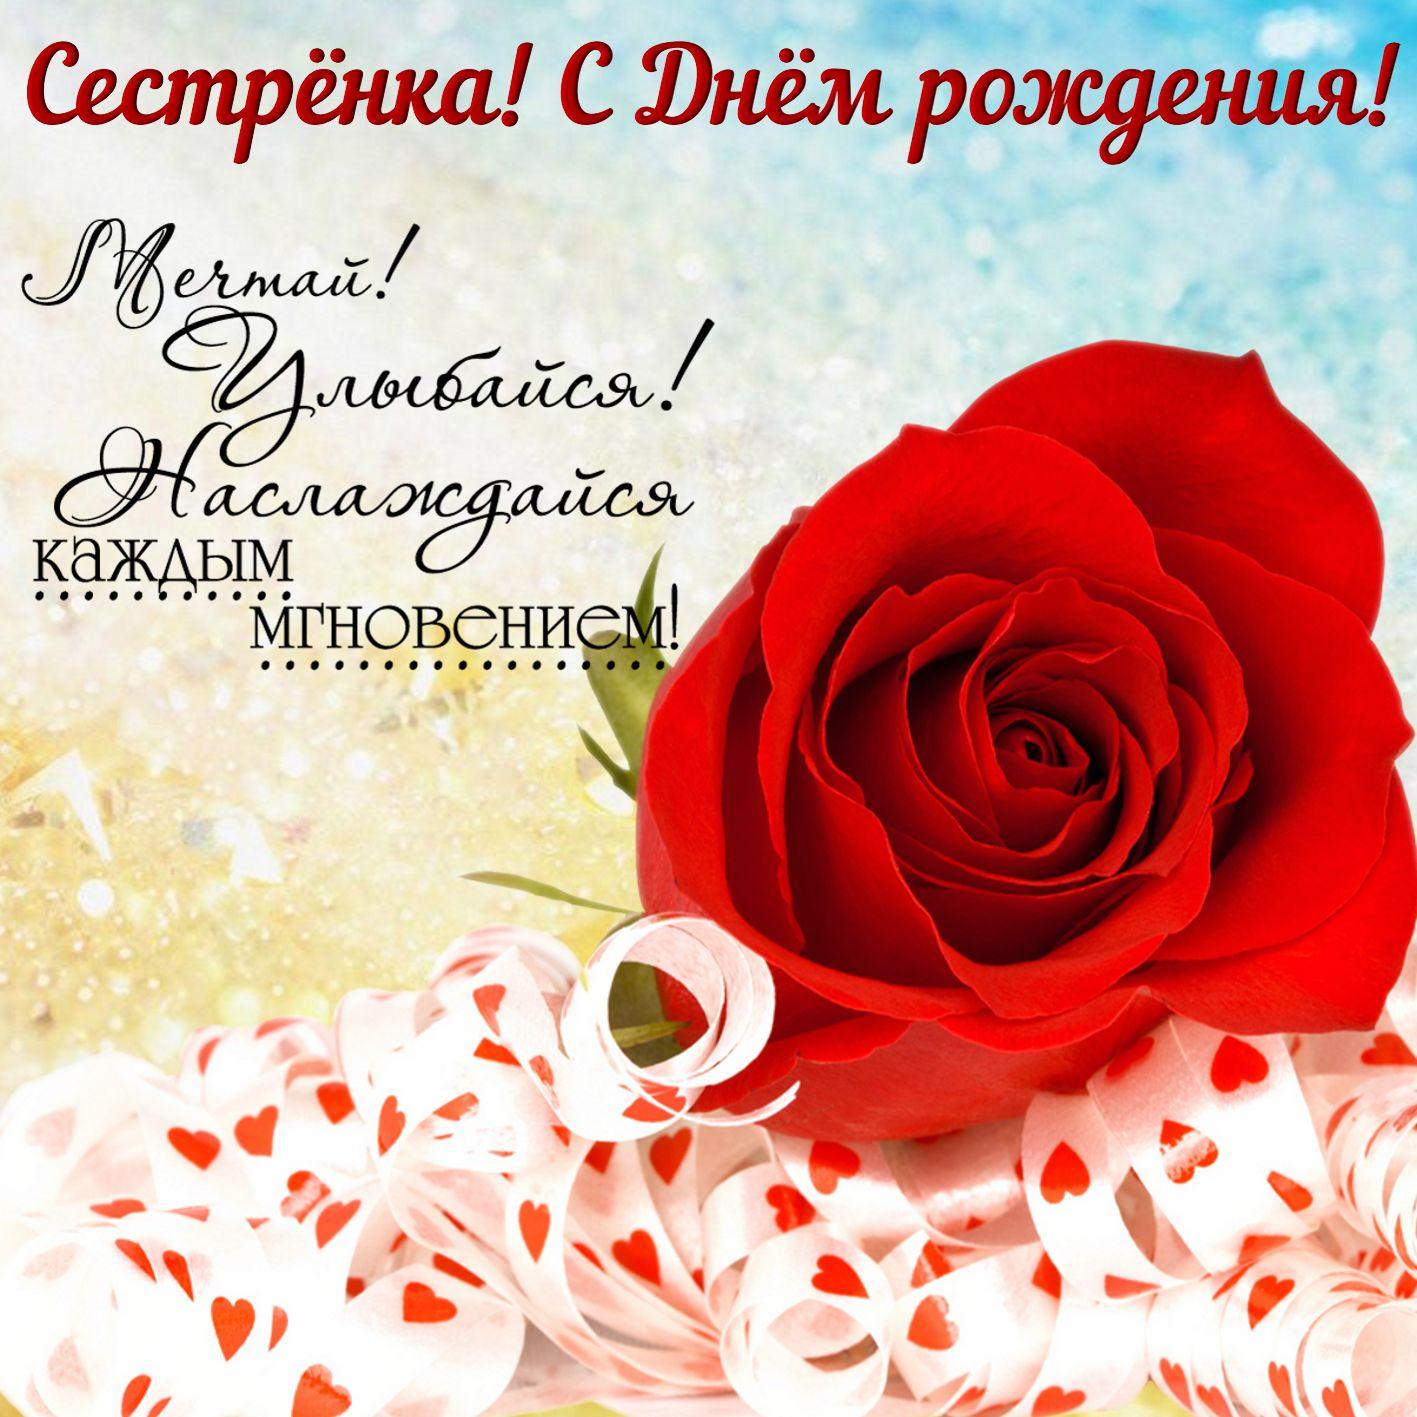 Открытка на День рождения сестре - красная роза в красивом оформлении